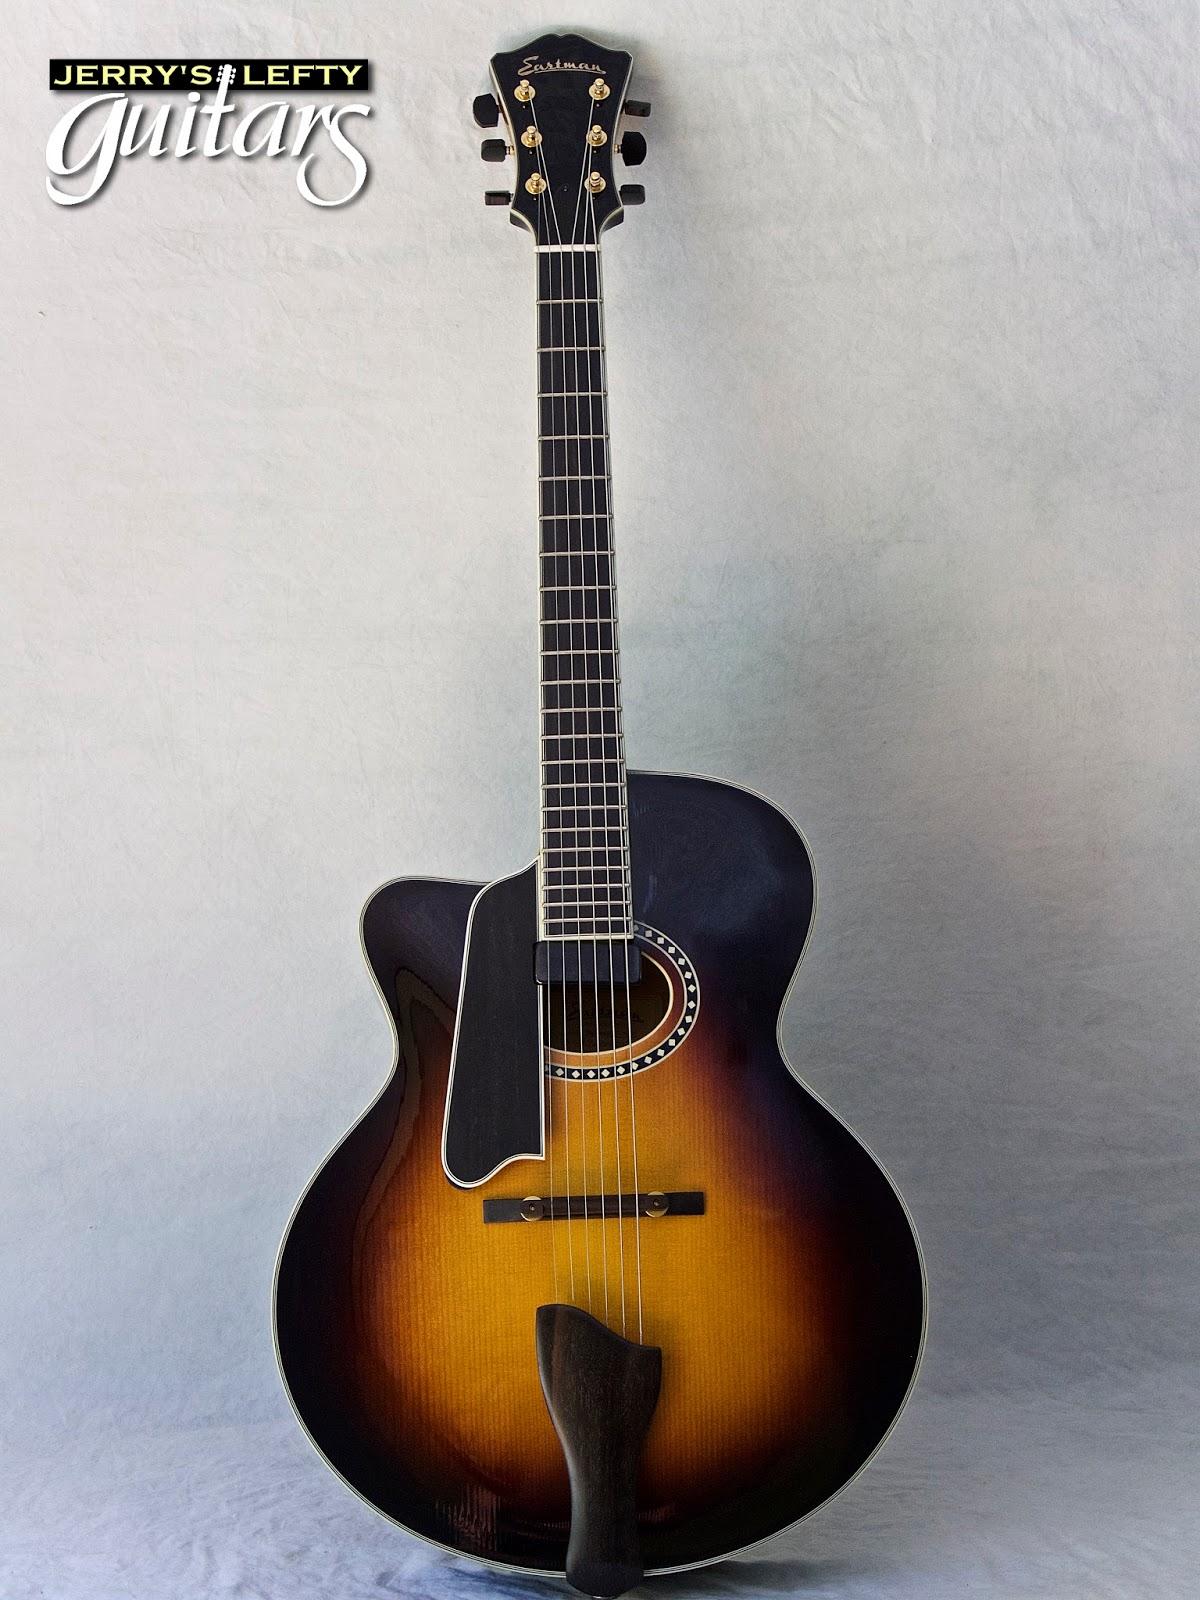 jerry 39 s lefty guitars newest guitar arrivals updated weekly eastman ar804ce sunburst left. Black Bedroom Furniture Sets. Home Design Ideas